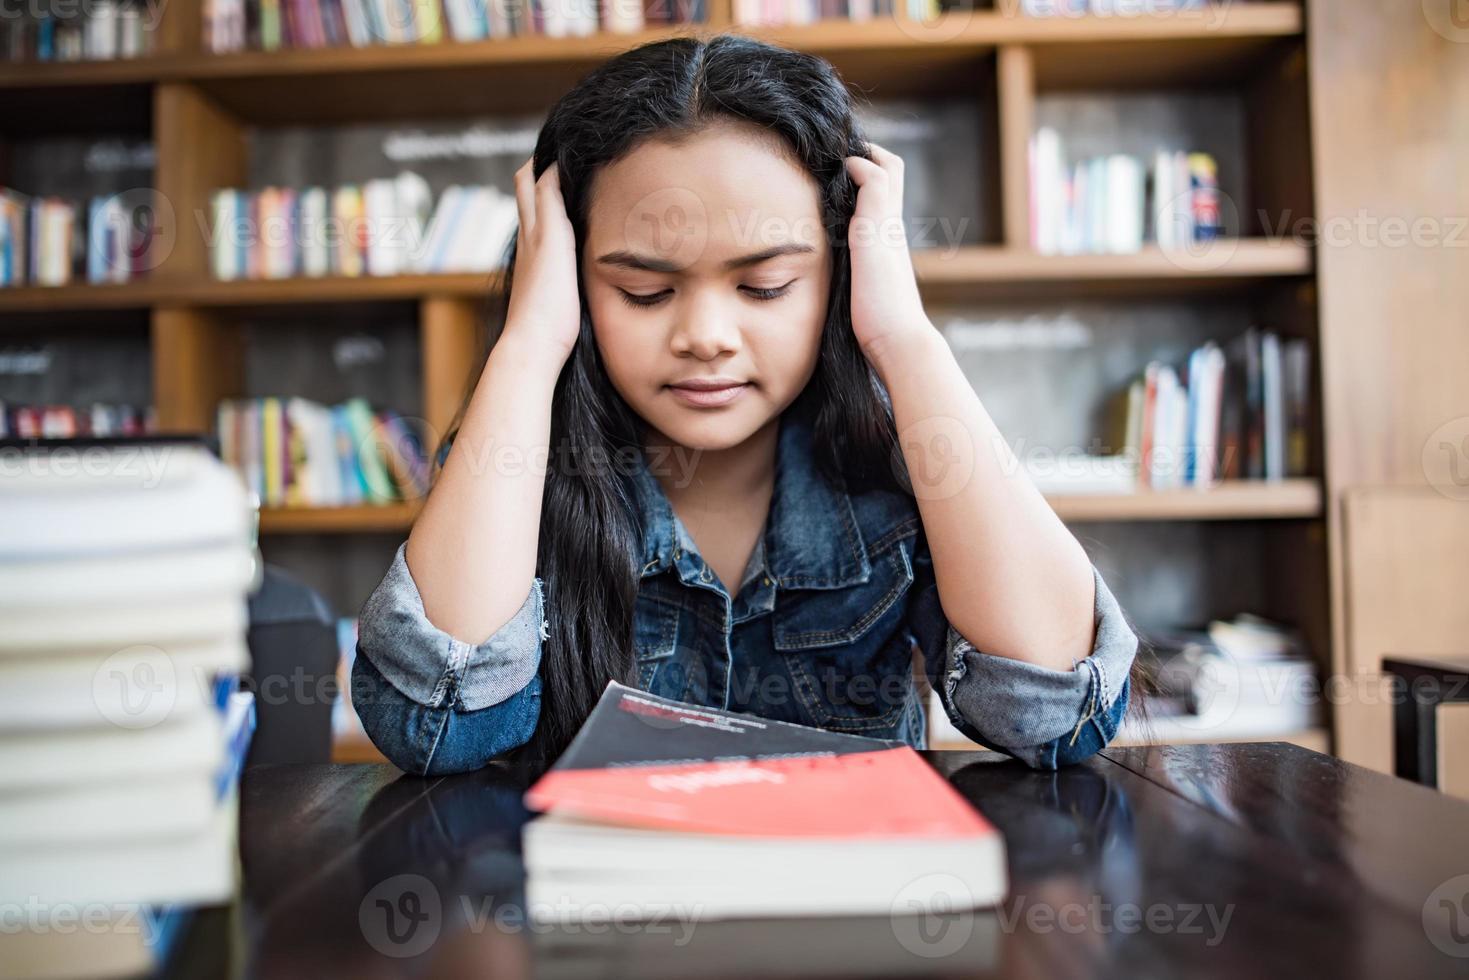 portret van een gestresste trieste jonge vrouw achter café foto